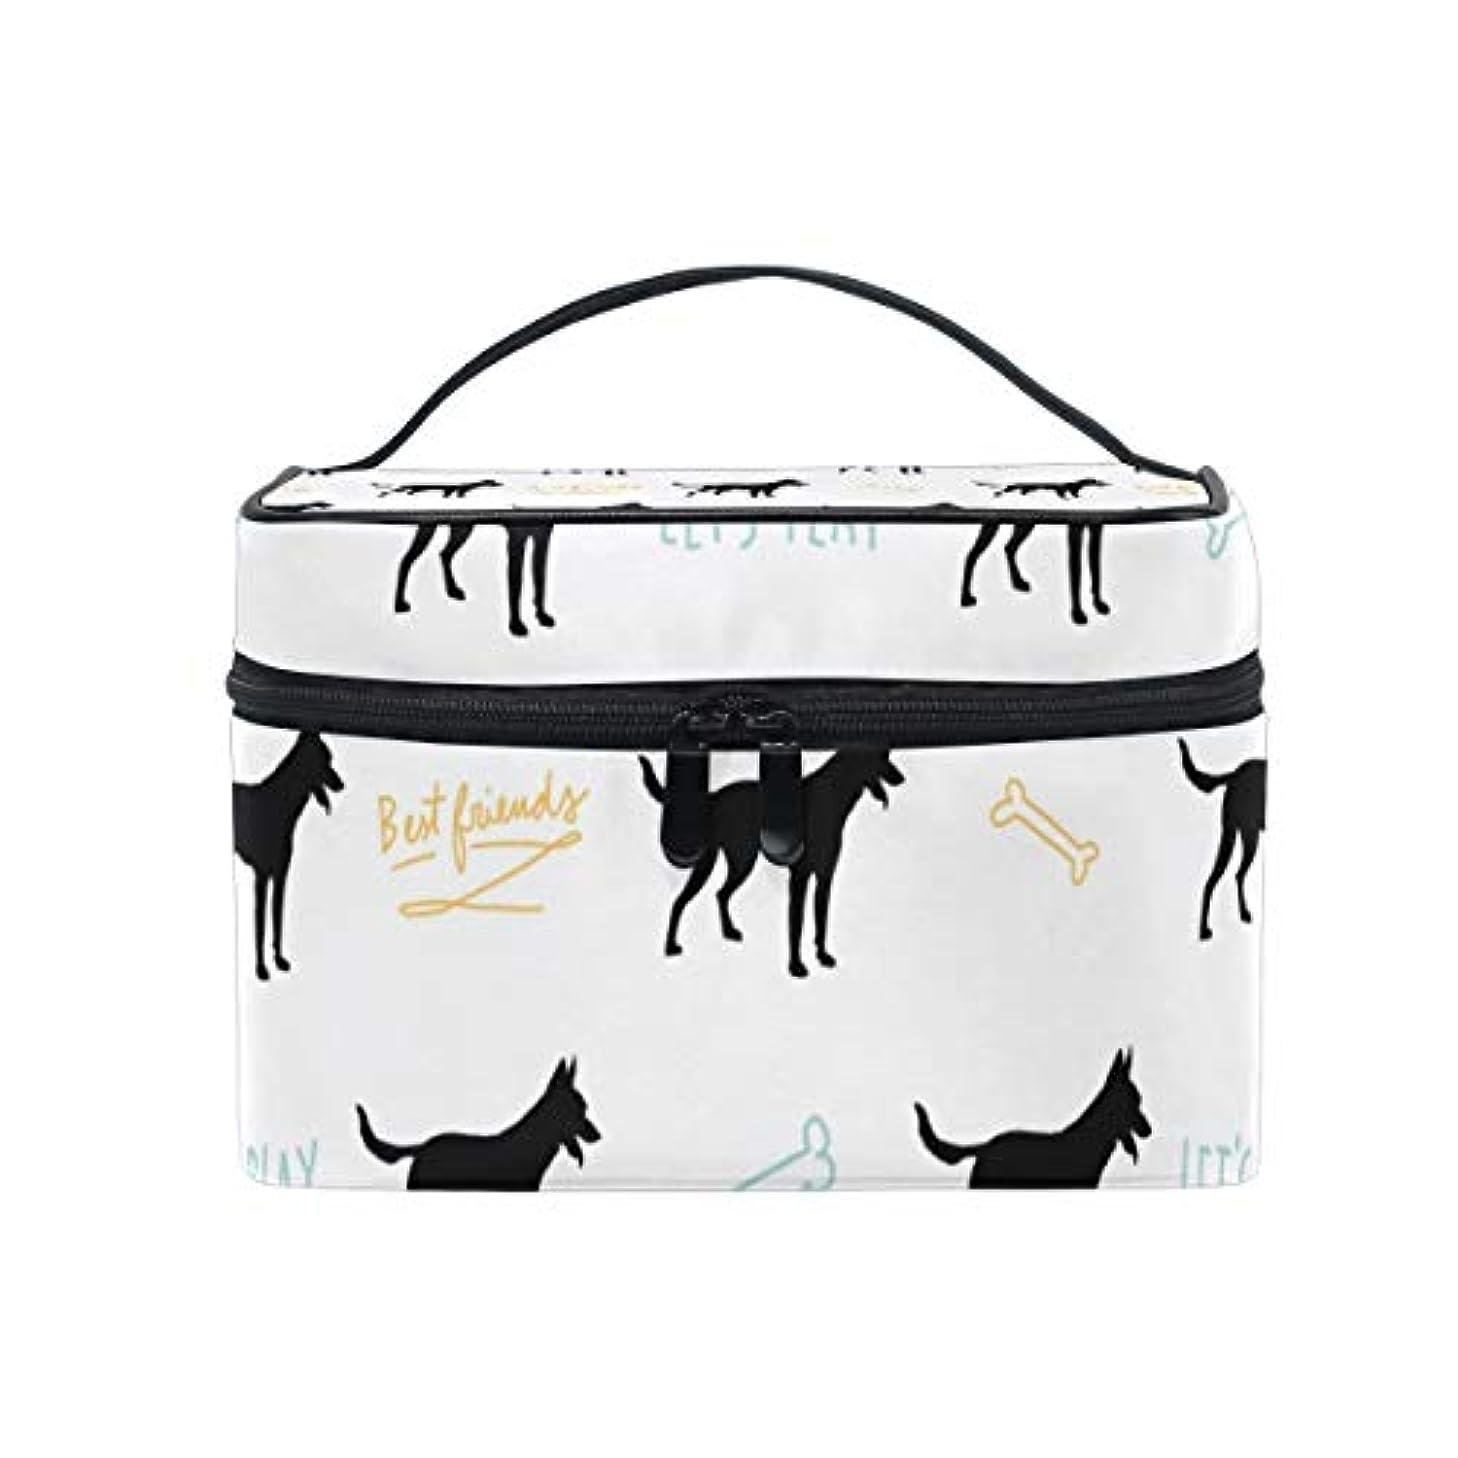 問題やろうラックメイクボックス ベルギー-マリノア 柄 化粧ポーチ 化粧品 化粧道具 小物入れ メイクブラシバッグ 大容量 旅行用 収納ケース